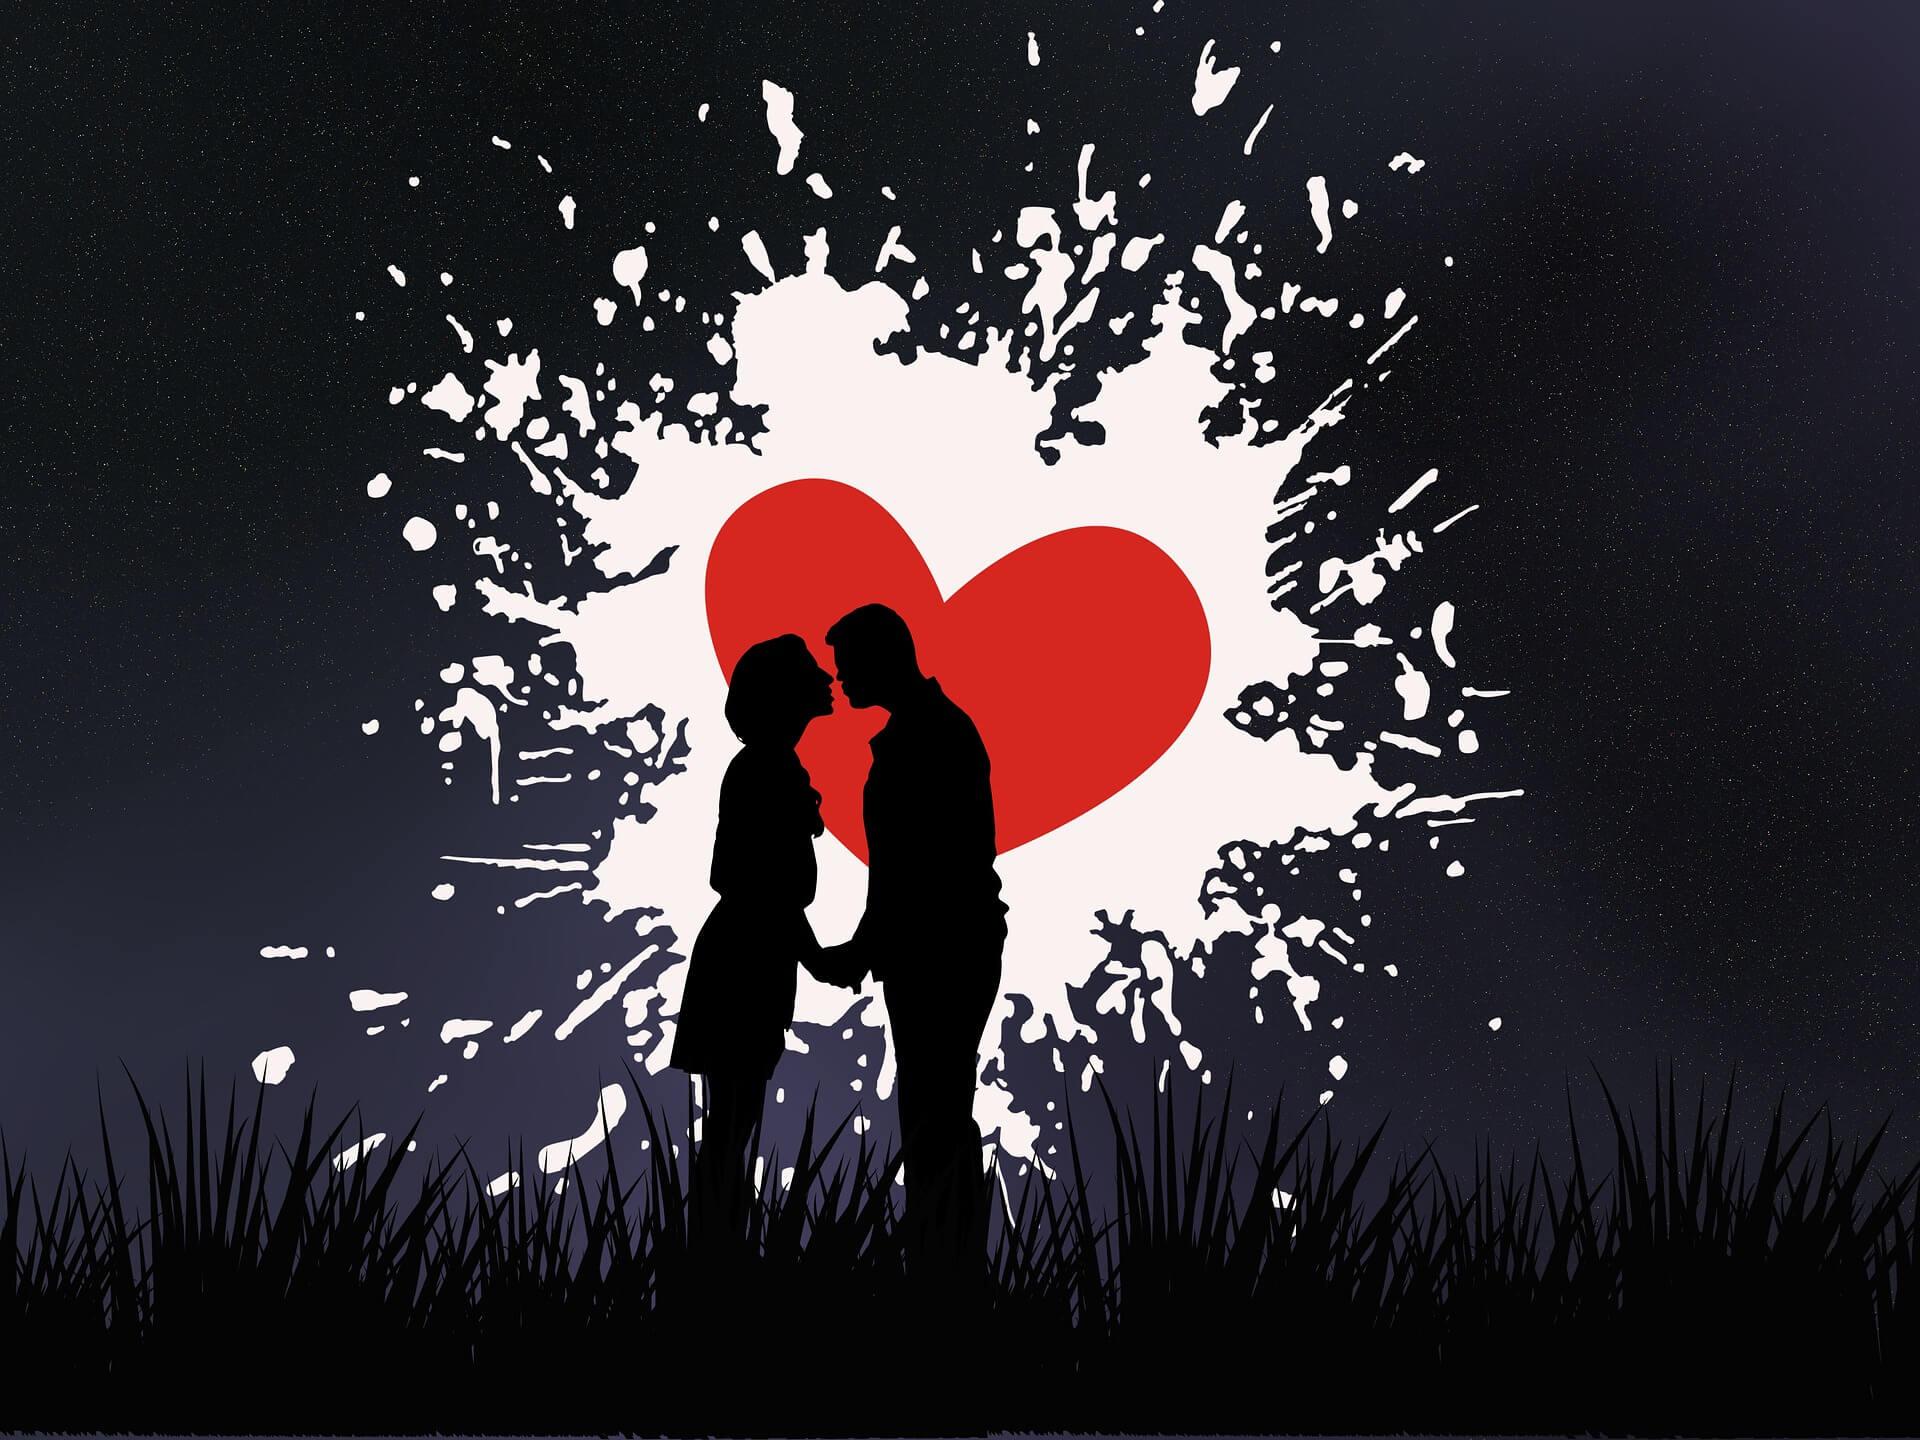 ಲವ್ ಬ್ರೇಕಪ್ ಮೋಟಿವೇಷನ : Love Breakup Motivation in Kannada